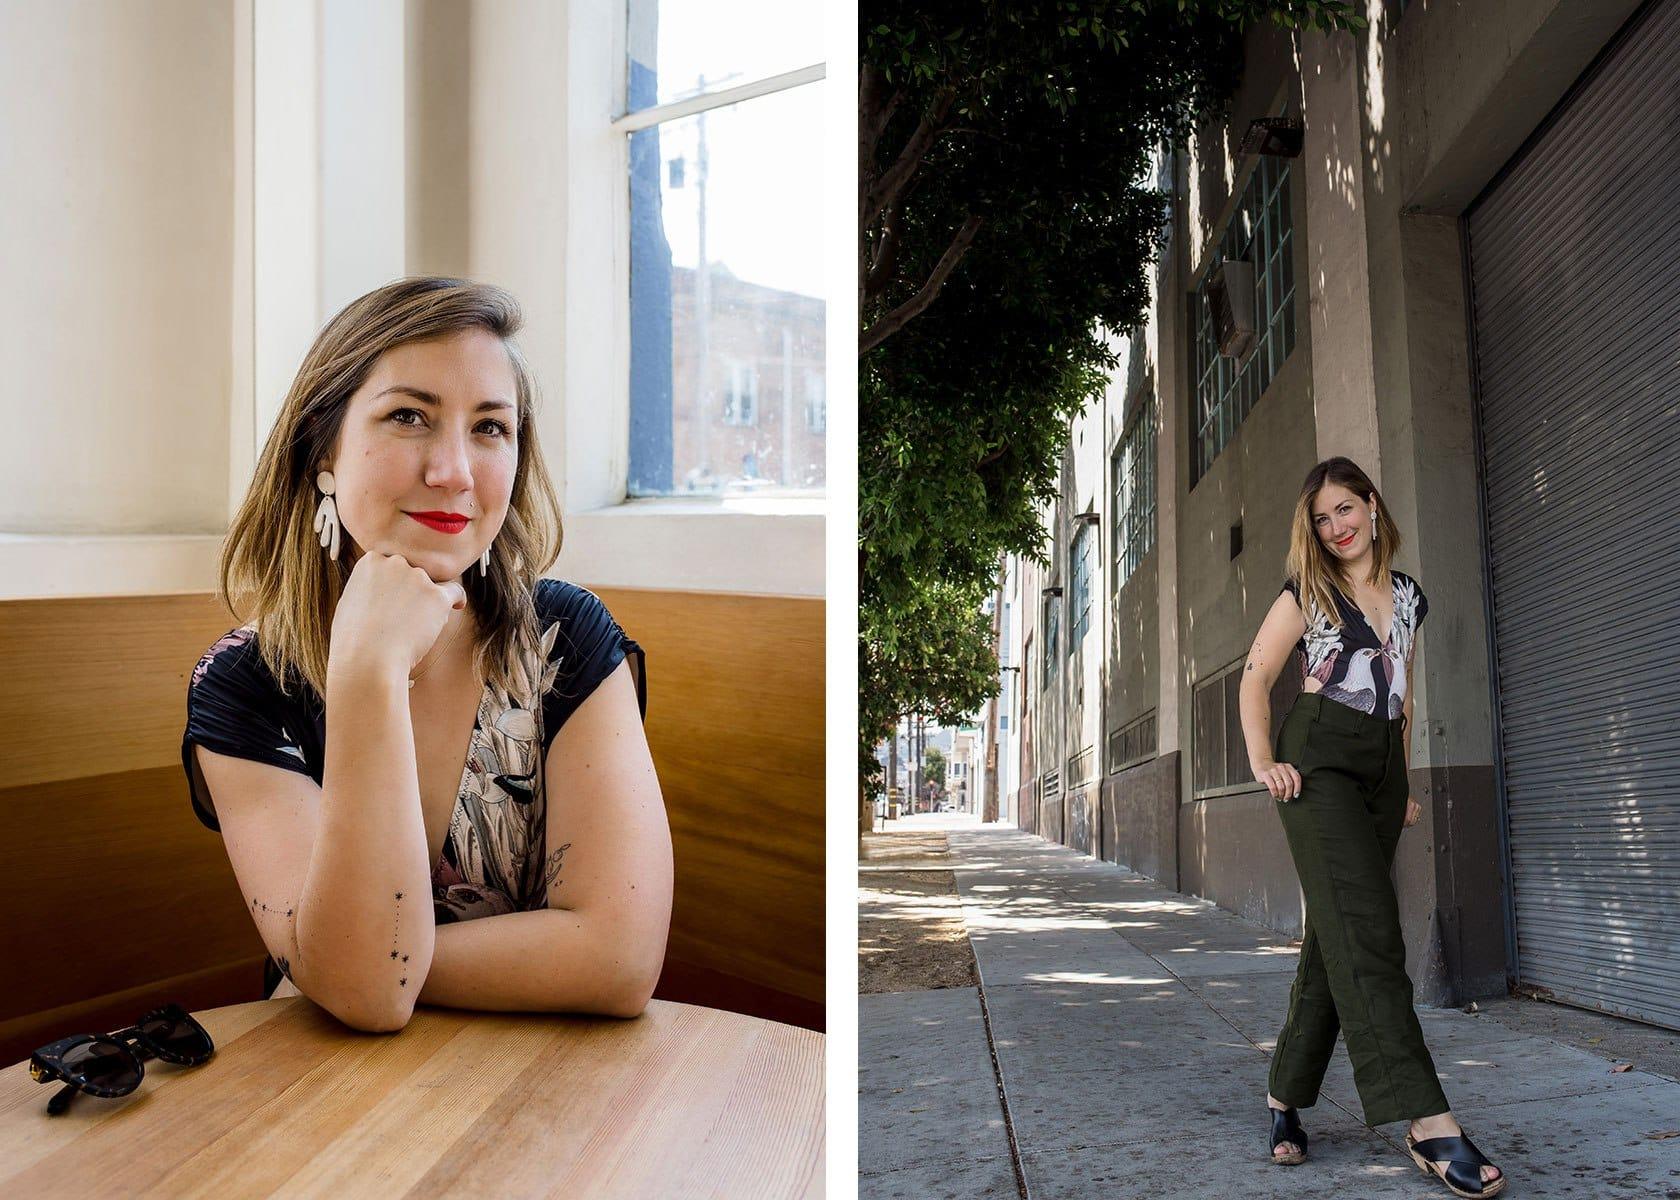 勇敢面对未来:专访著名字体设计师 Jessica  Hische